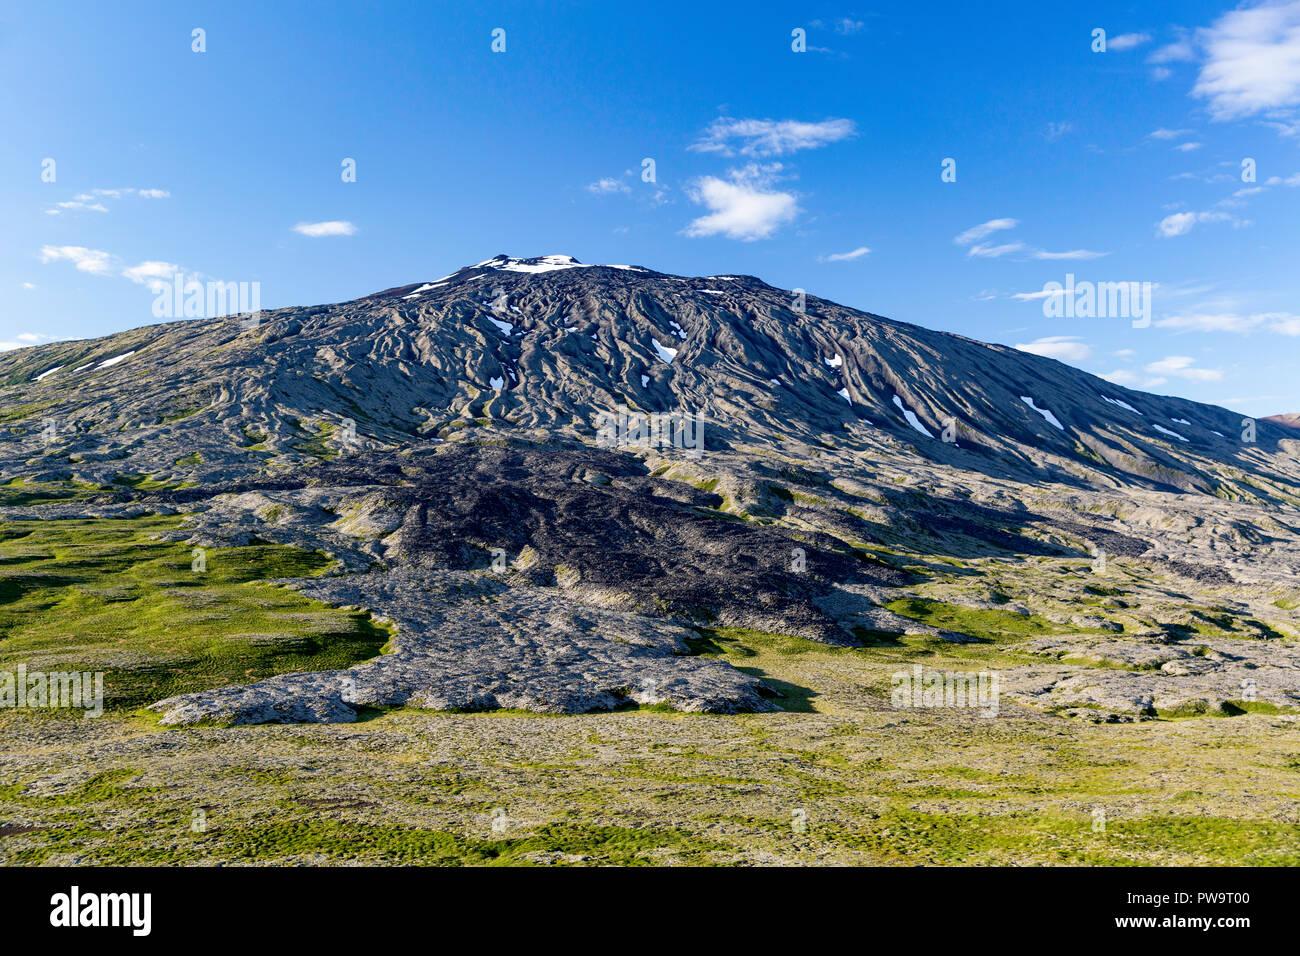 Stratovolcano Snæfellsjökull, Snæfellsnes National Park, Snæfellsnes Peninsula, Iceland - Stock Image